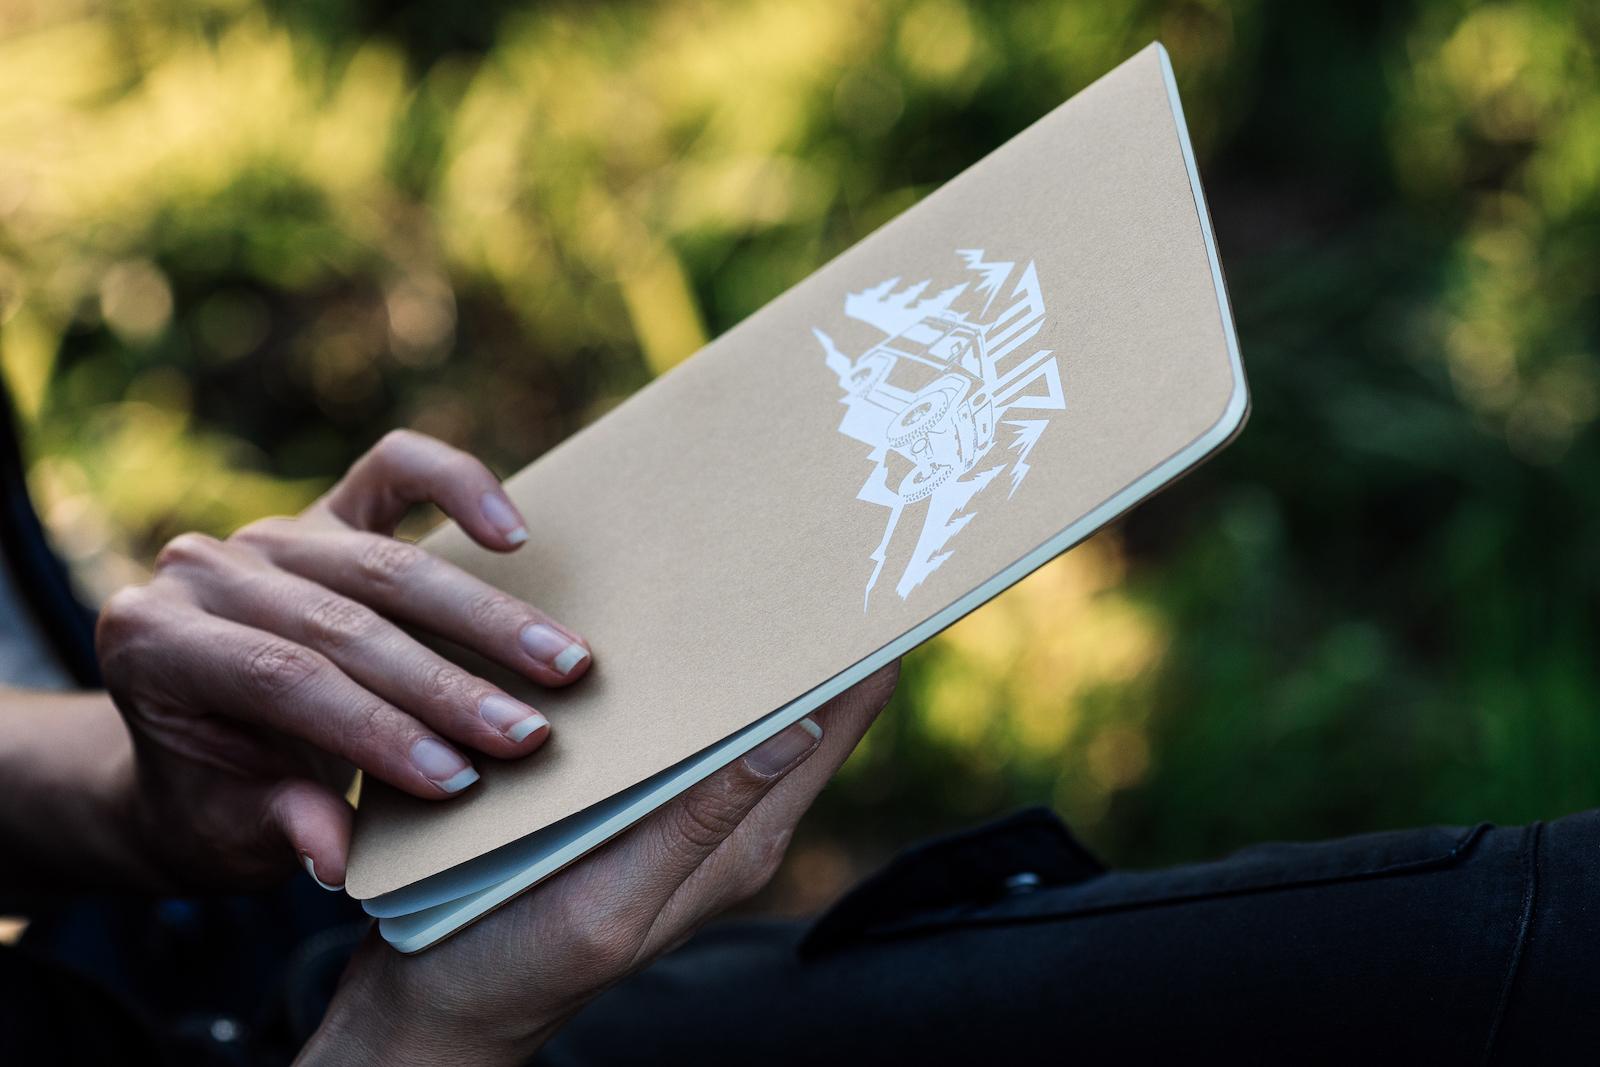 Ausrüstung für Offroad-Reisen - Matsch&Piste Notizbücher